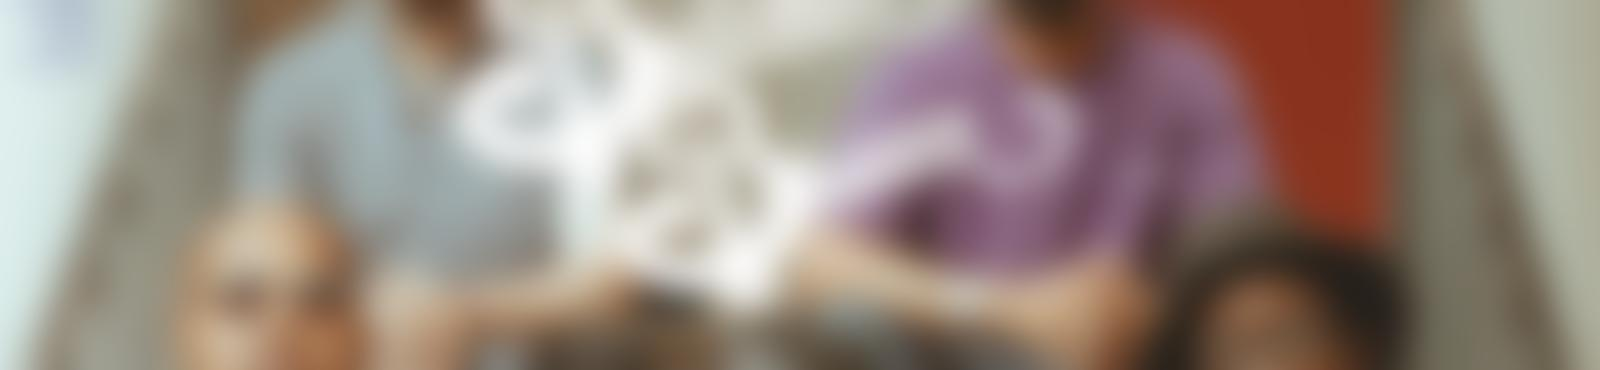 Blurred 1b9a217a 8245 4d90 940b e6803e101004